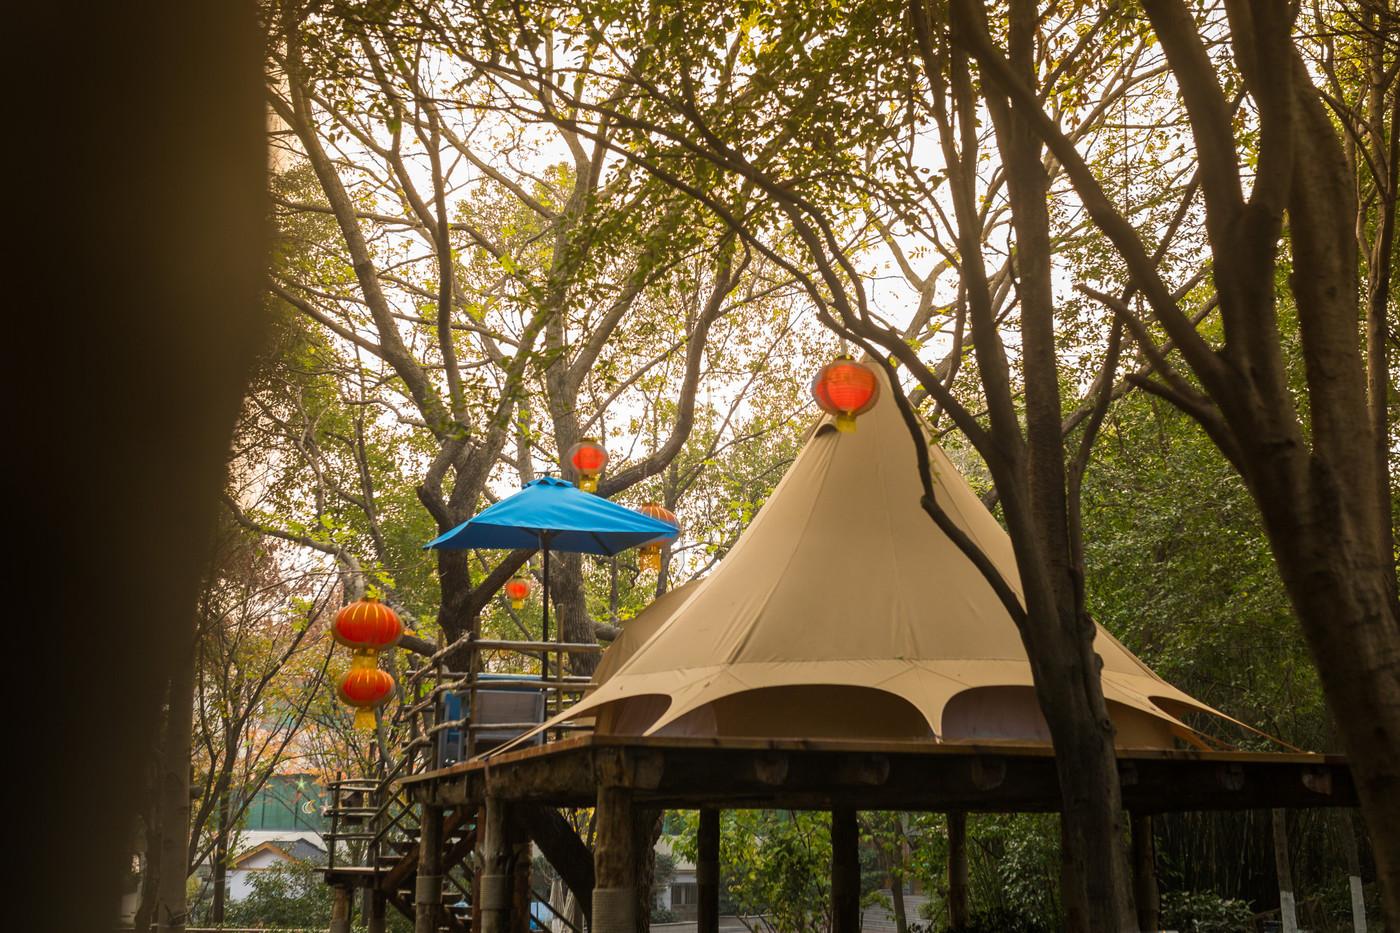 喜马拉雅野奢帐篷酒店—江苏常州天目湖树屋21